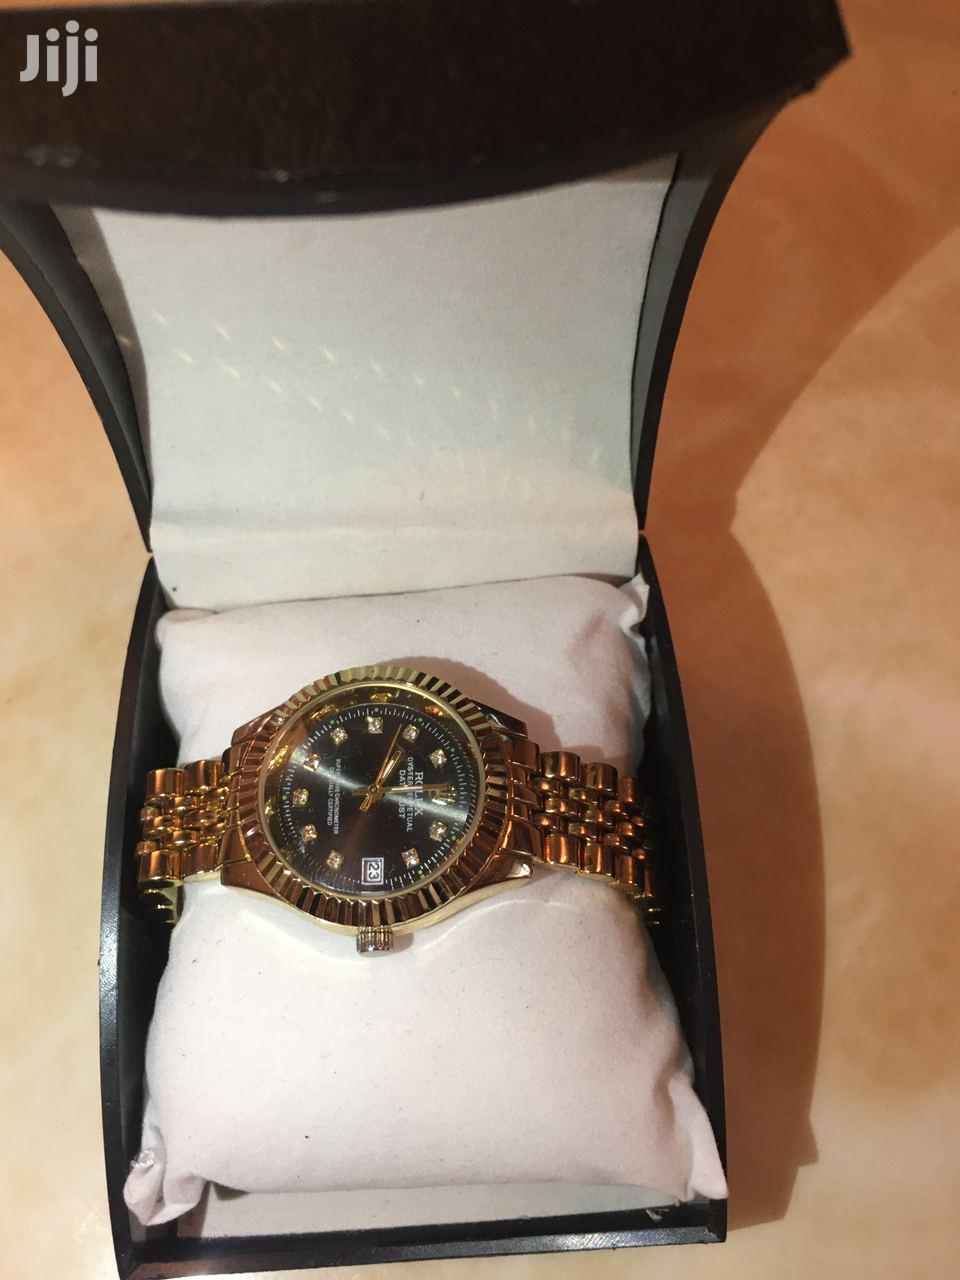 Rolex Hand Watch